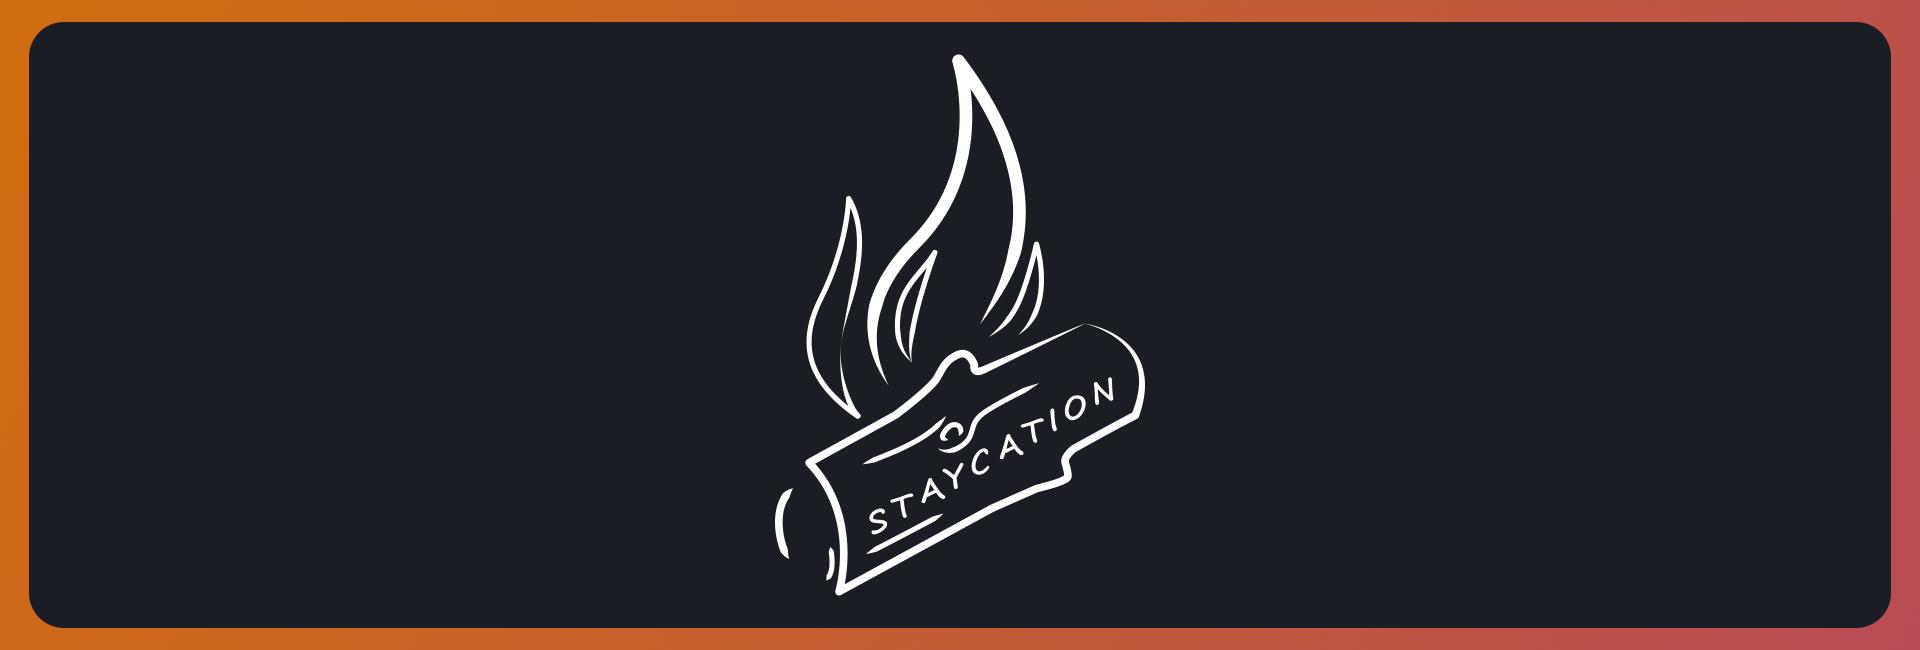 Staycation- Week 8